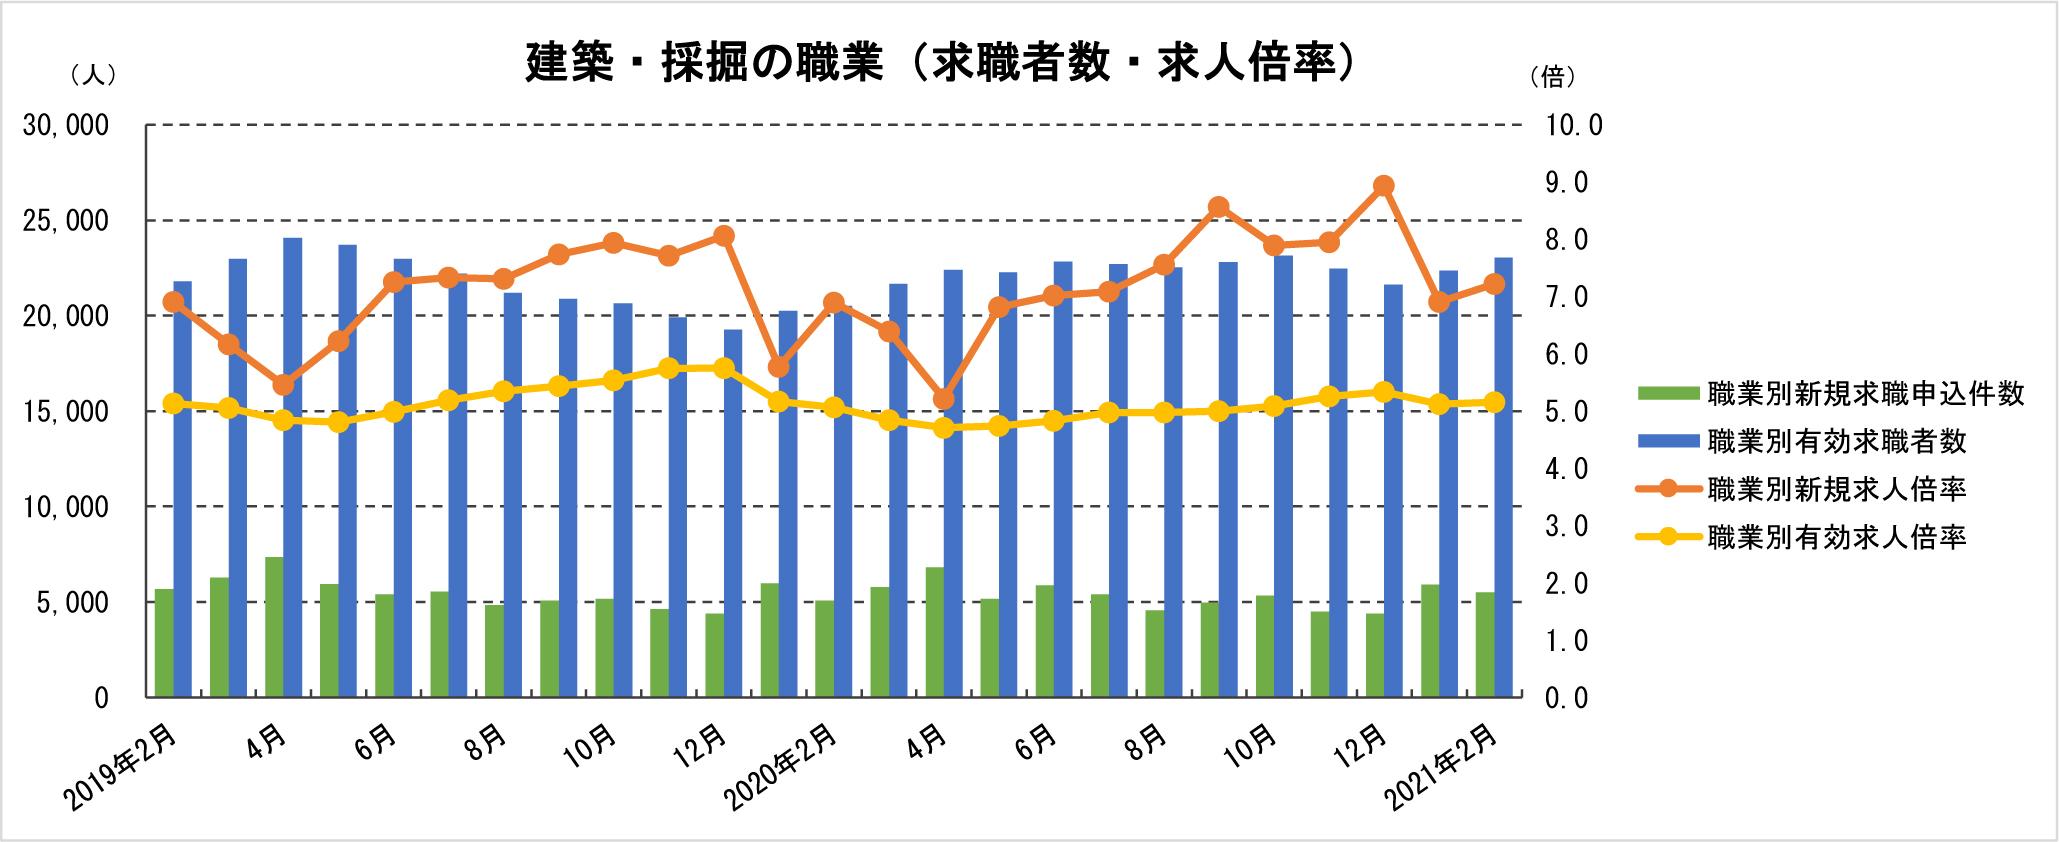 ②-2 建築・採掘の職業(求職者数・求人倍率)